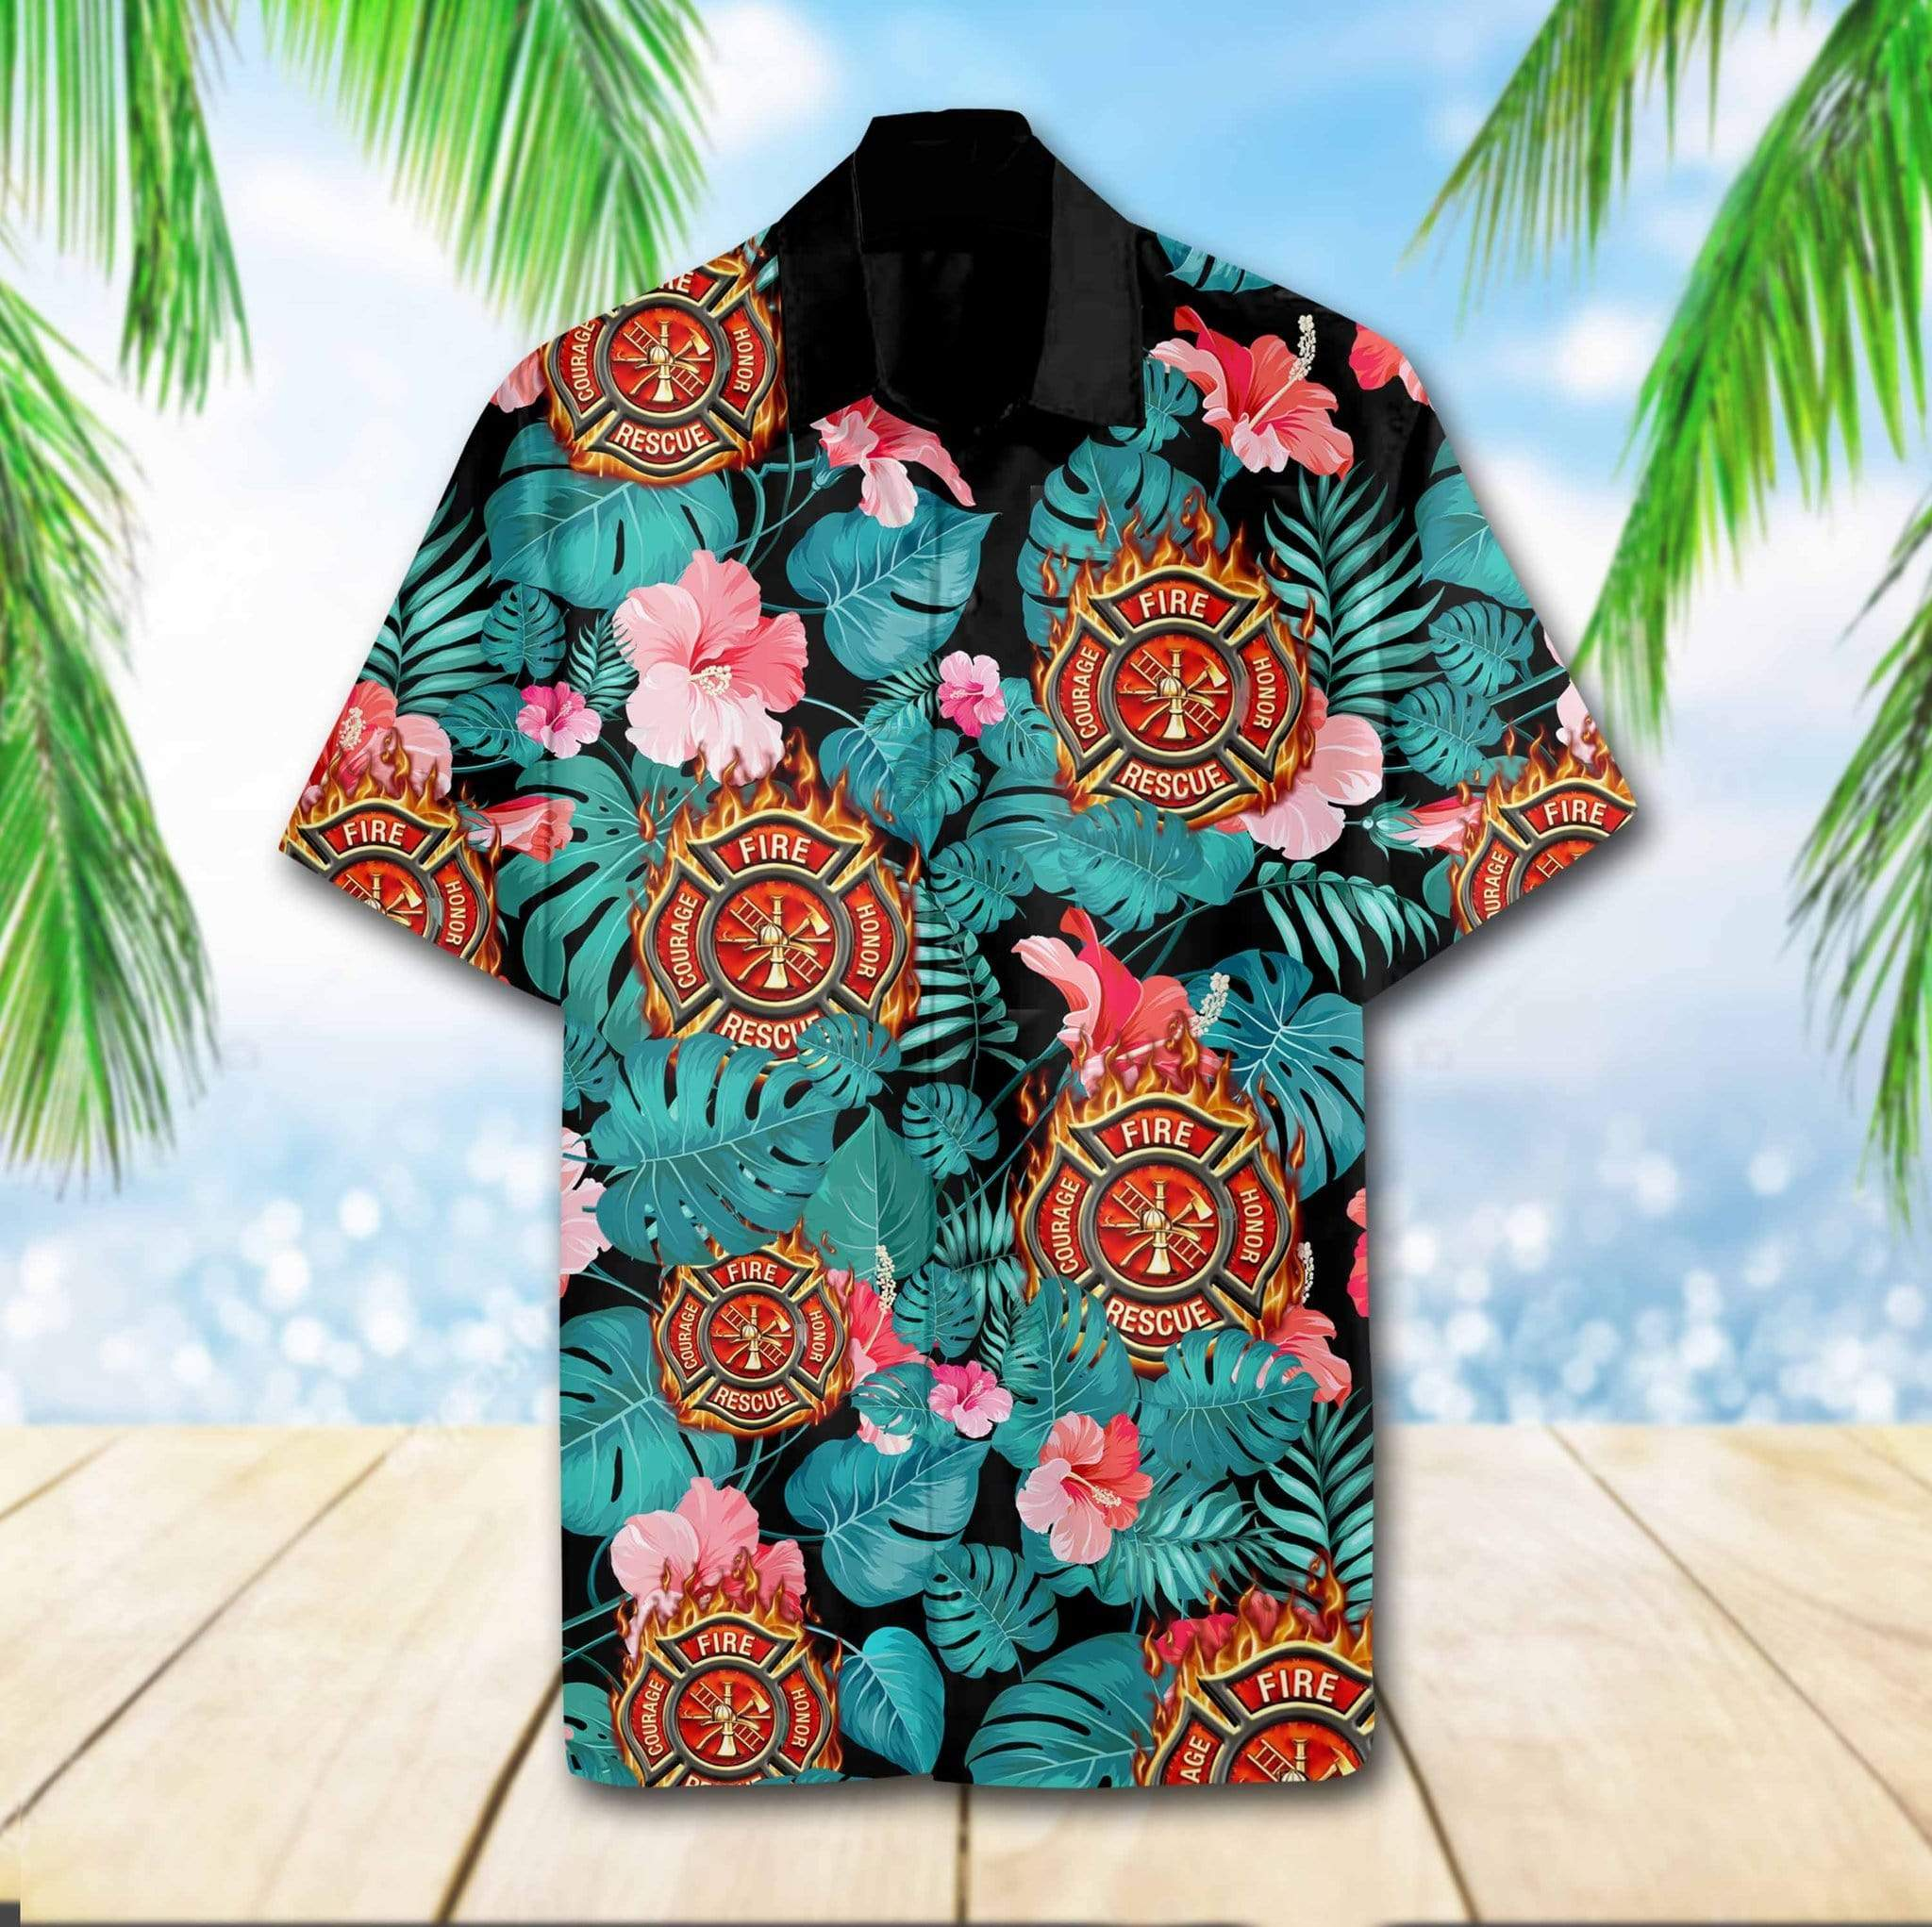 Firefighter Hibiscus Flower Hawaiian Summer Aloha Shirts